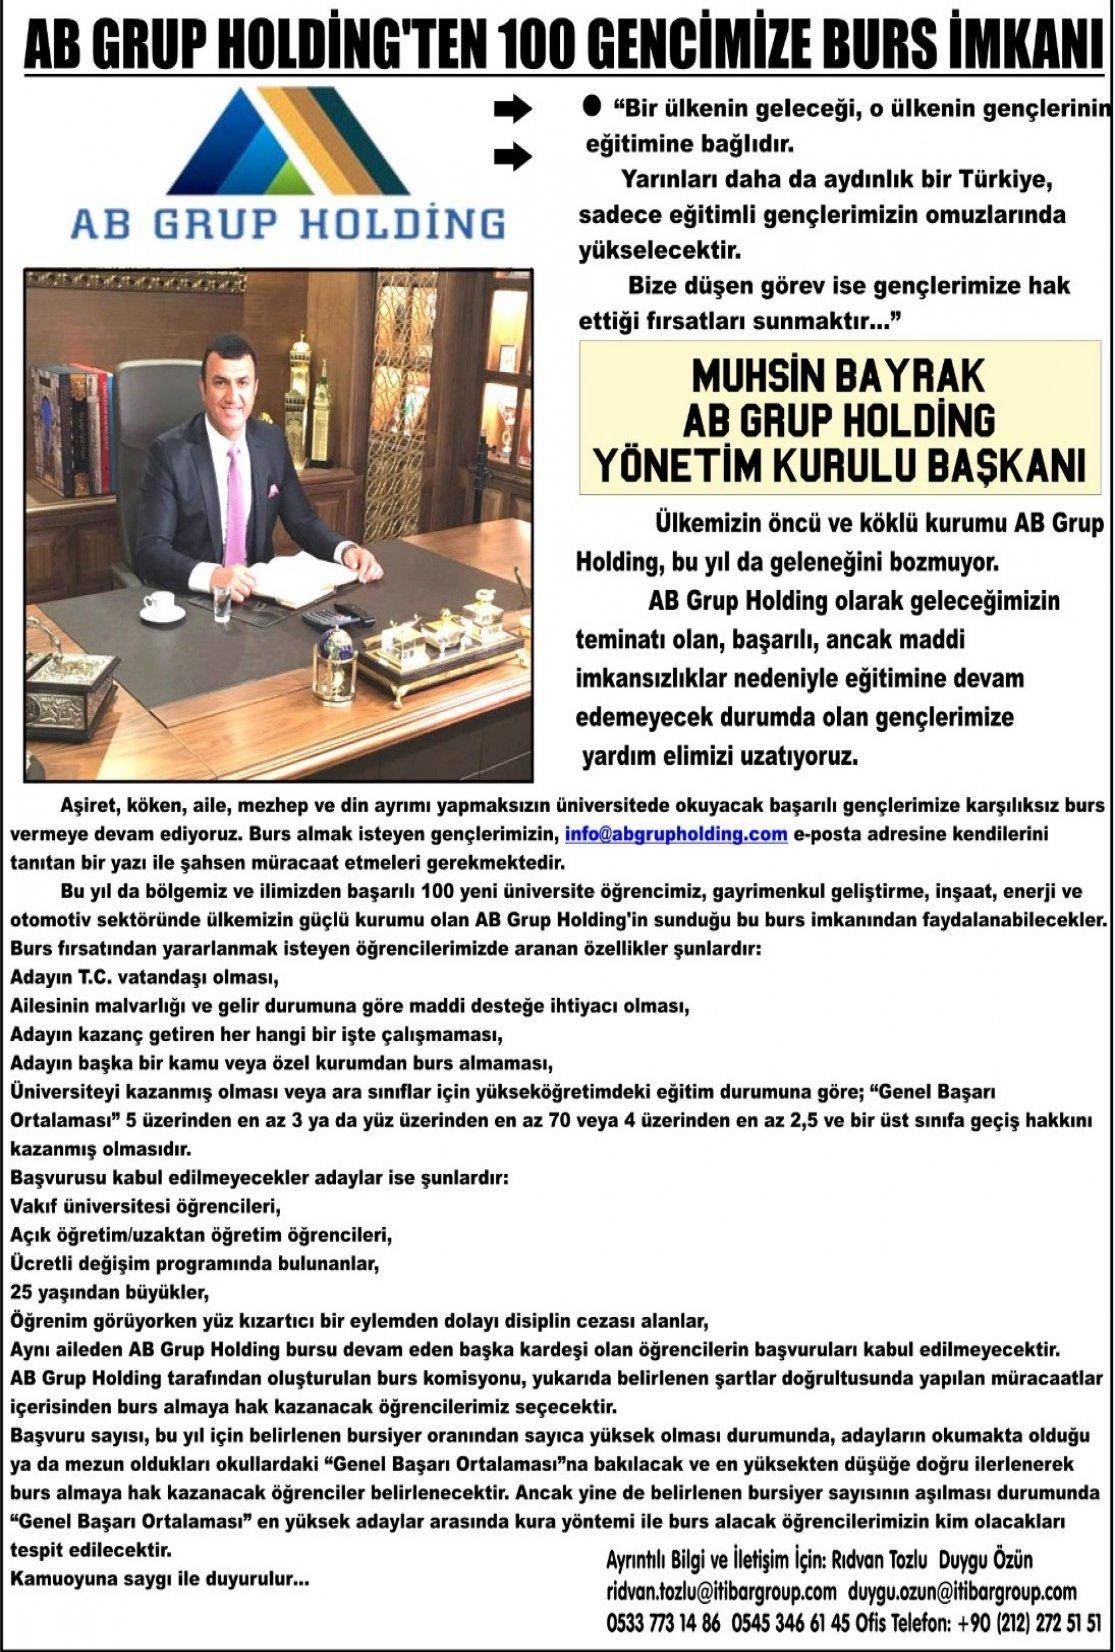 Güroymak Gazetesi ab.jpeg Sayılı Gazete Küpürü